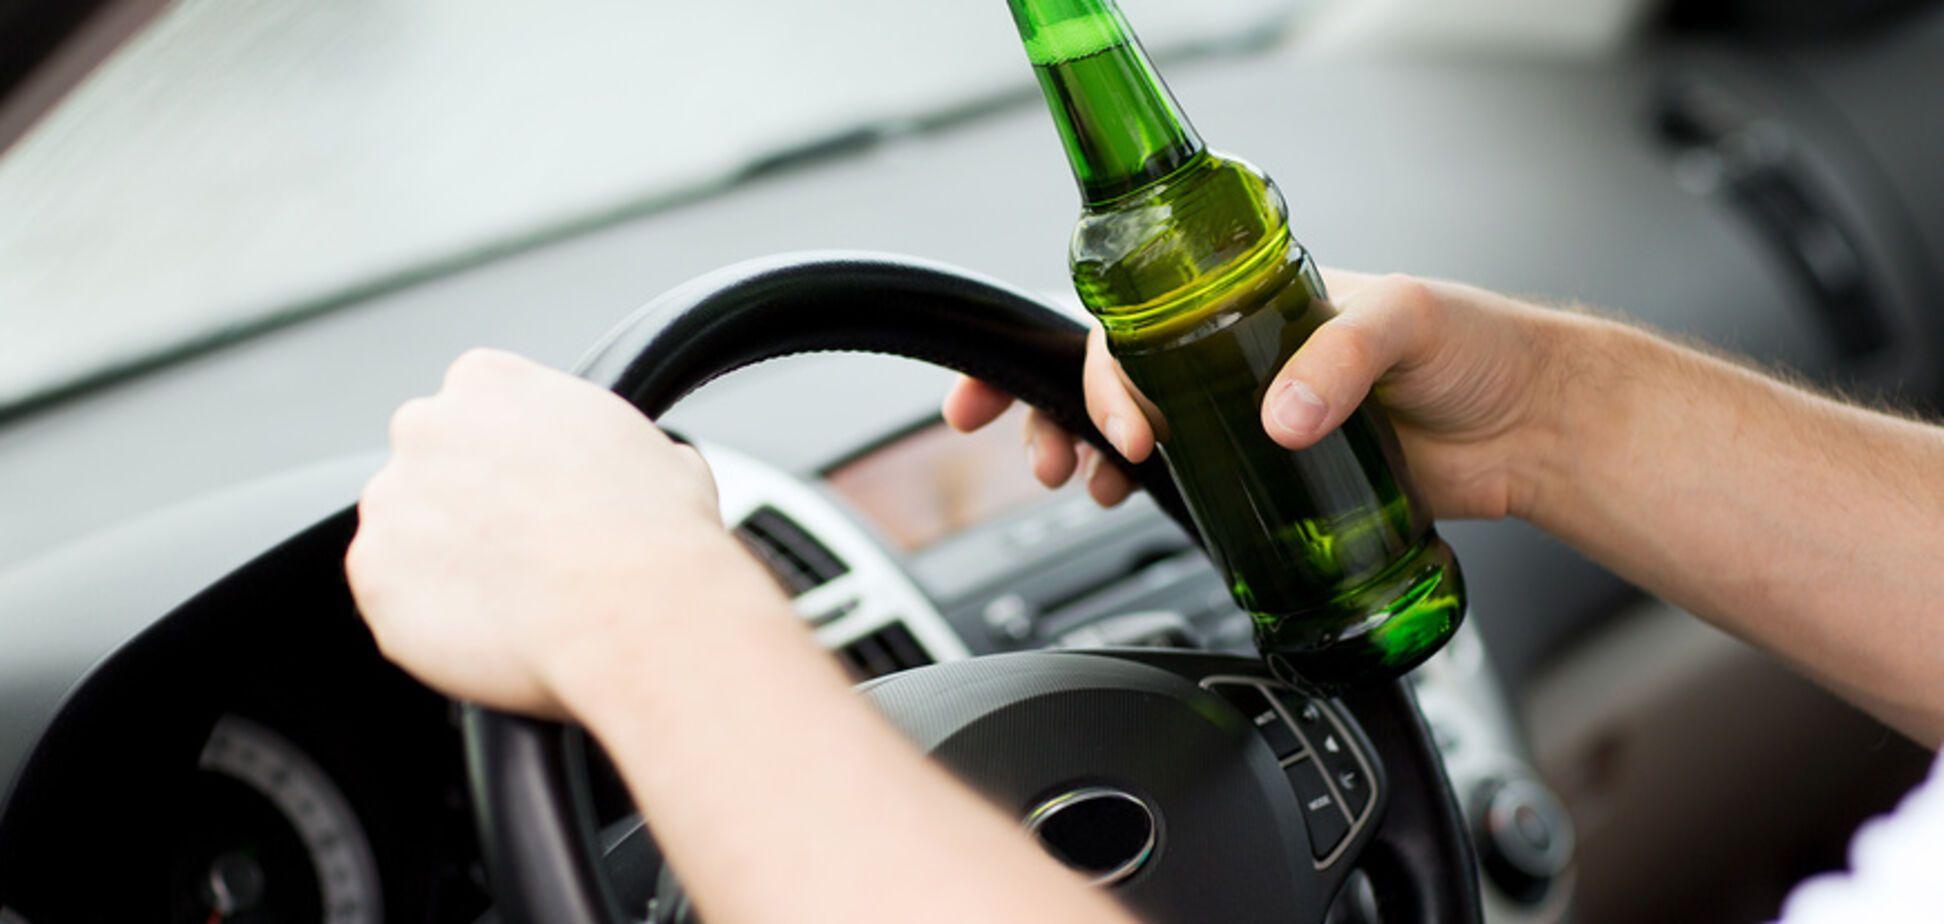 От конфискации авто до расстрела: блогер сравнил наказания для пьяных водителей в разных странах